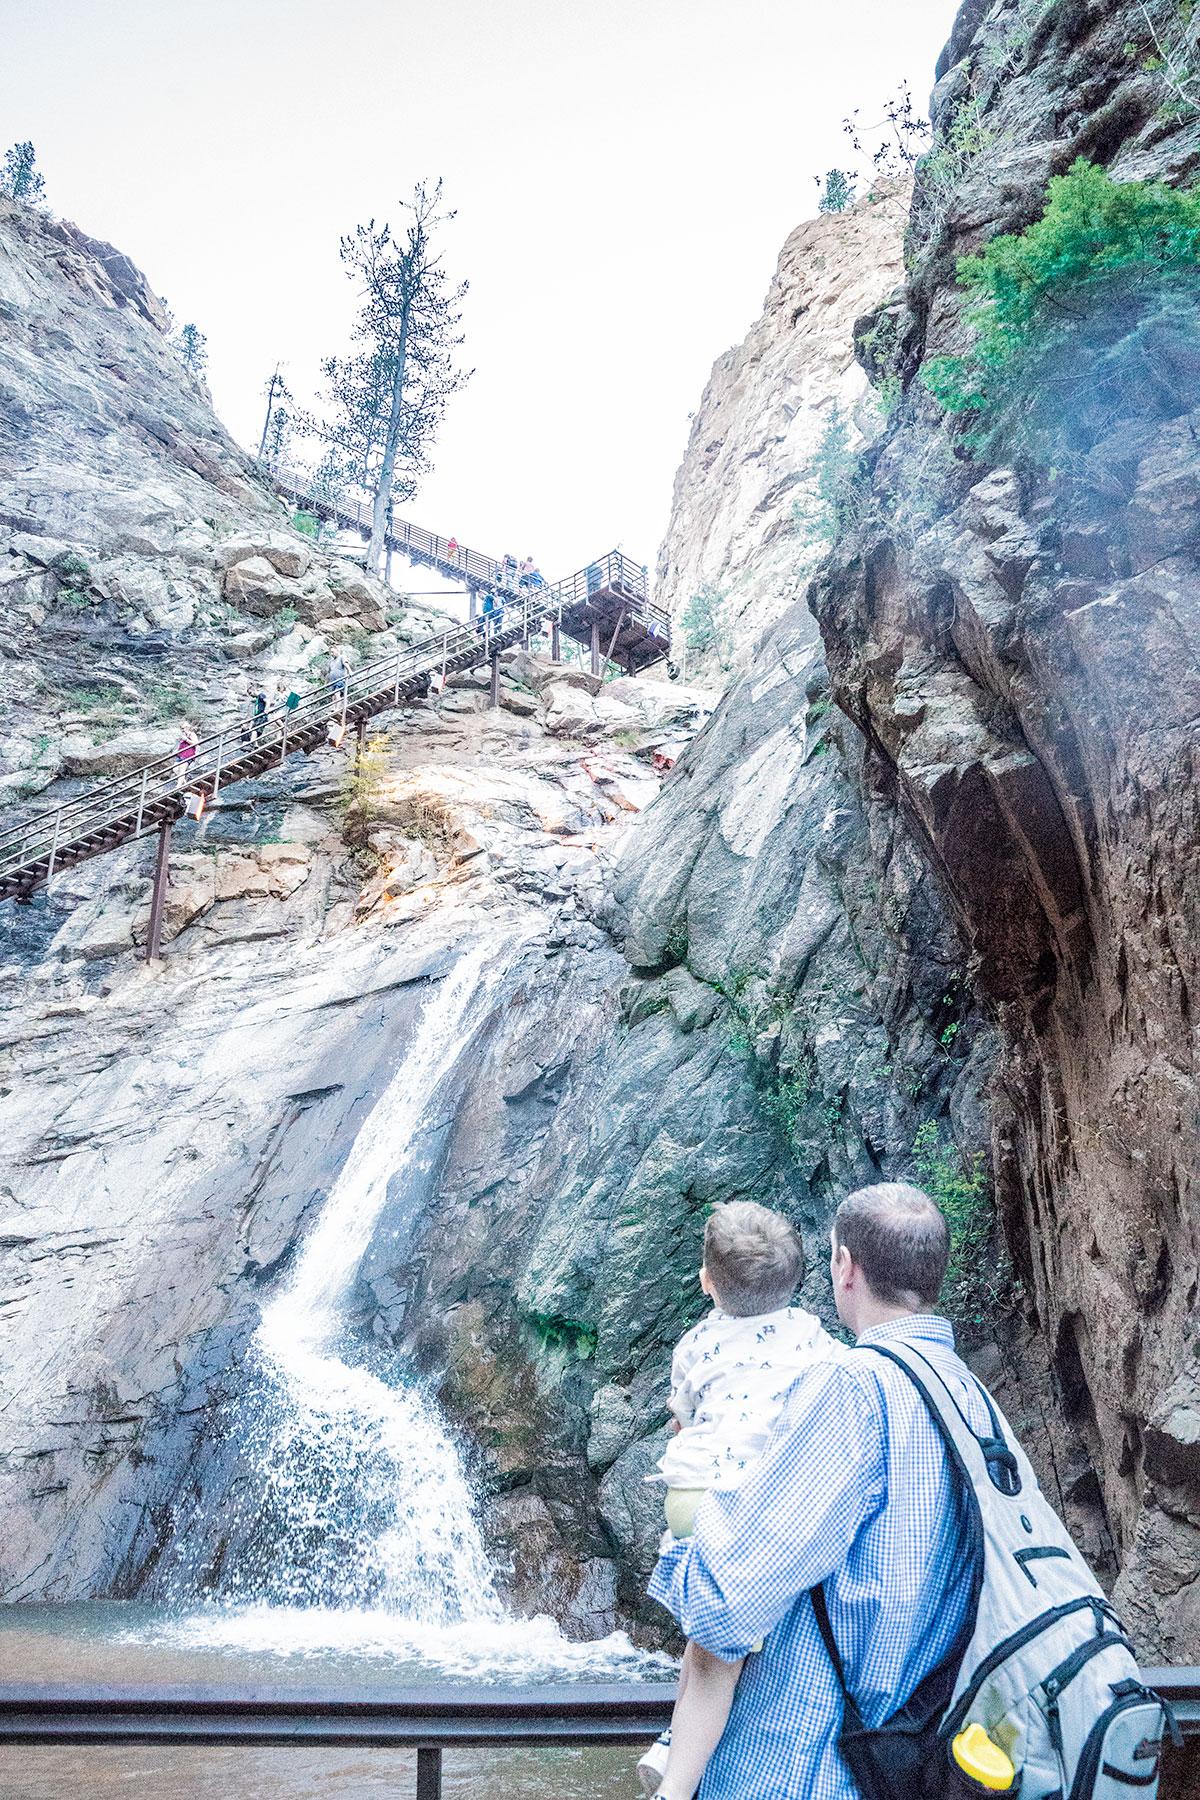 Colorado-Springs-Seven-Falls-Broadmoor